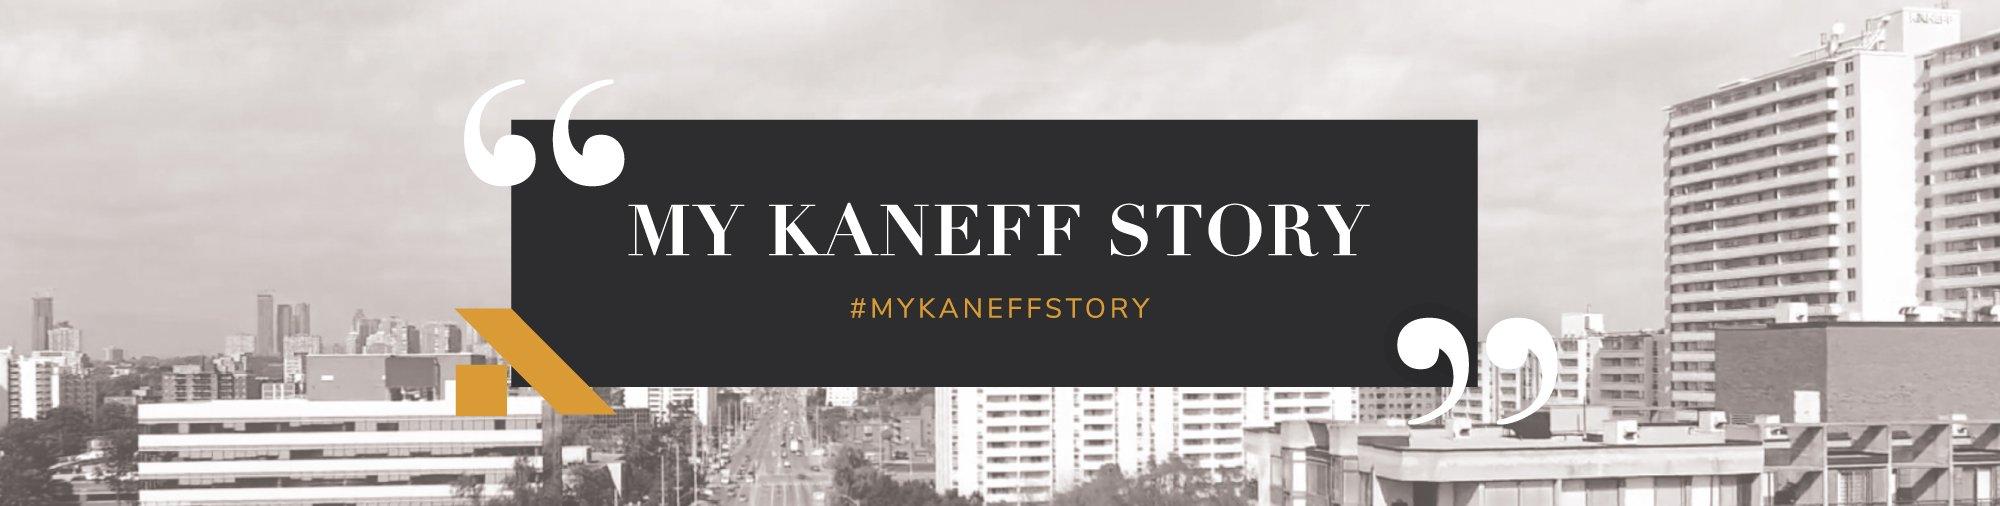 My Kaneff Story